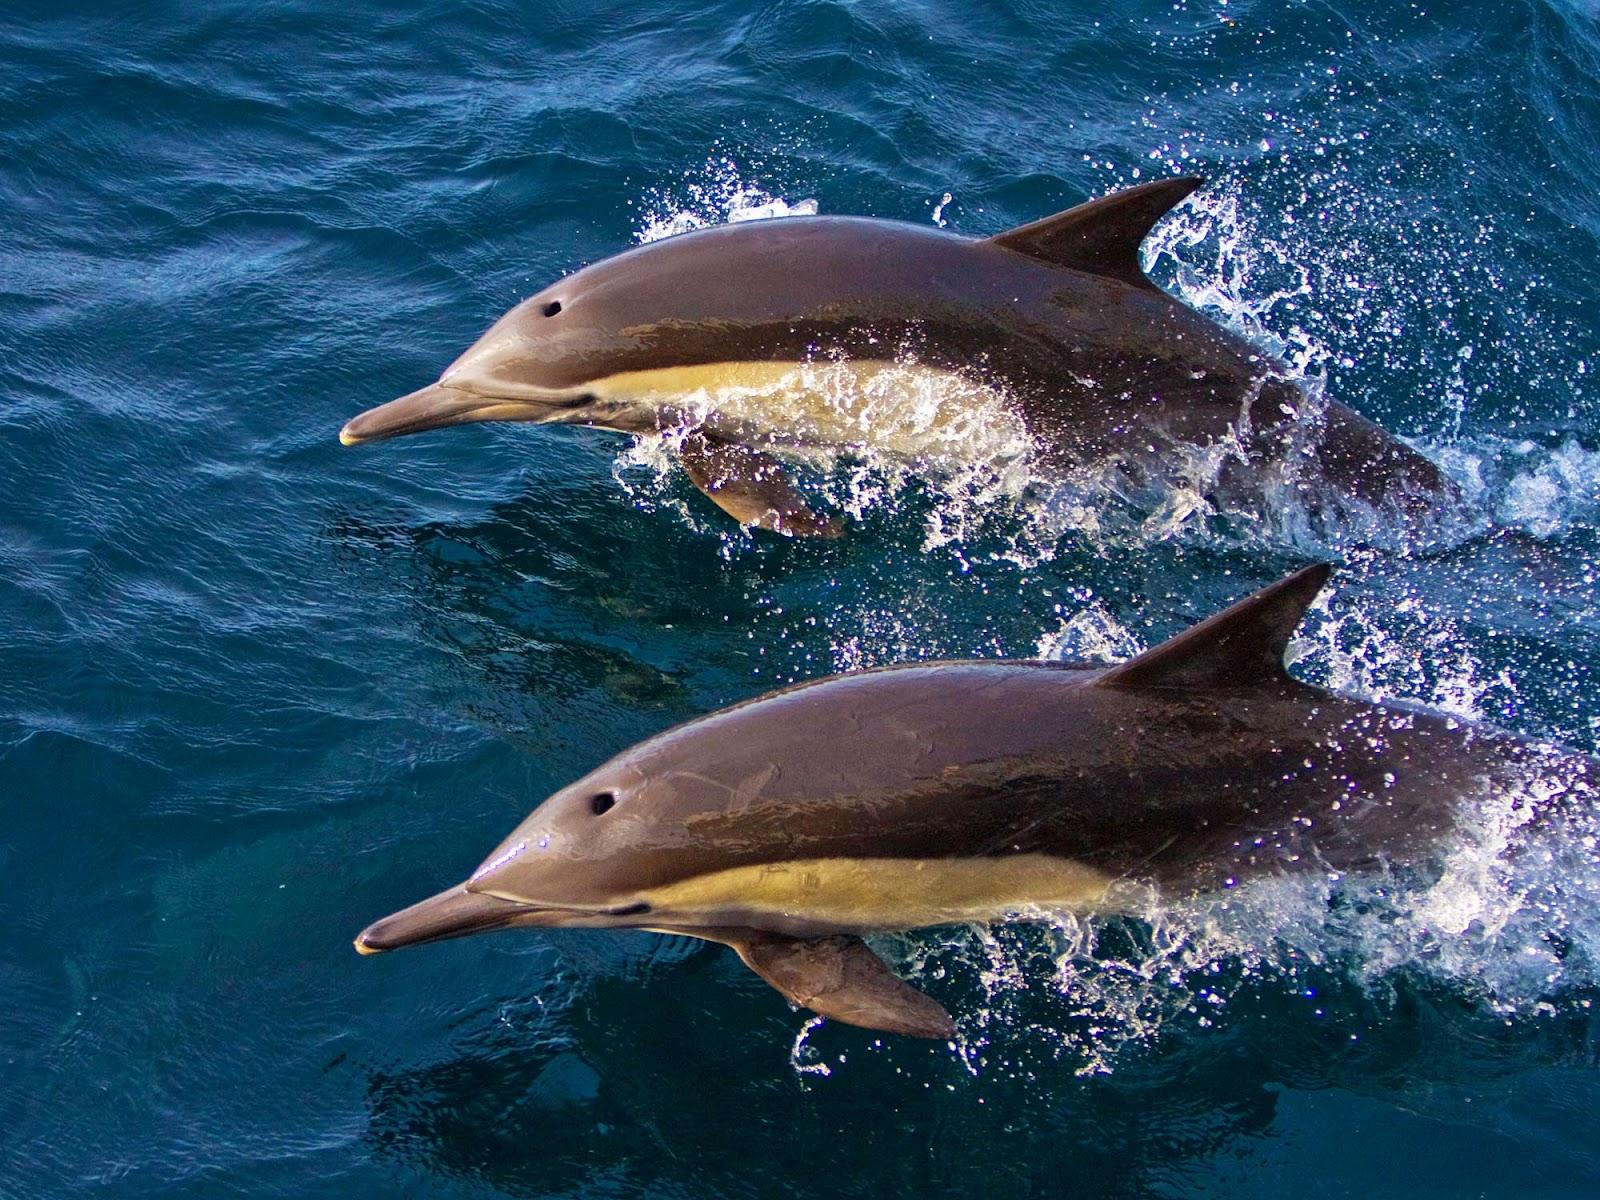 шар дельфин все картинки цивилизации давным давно